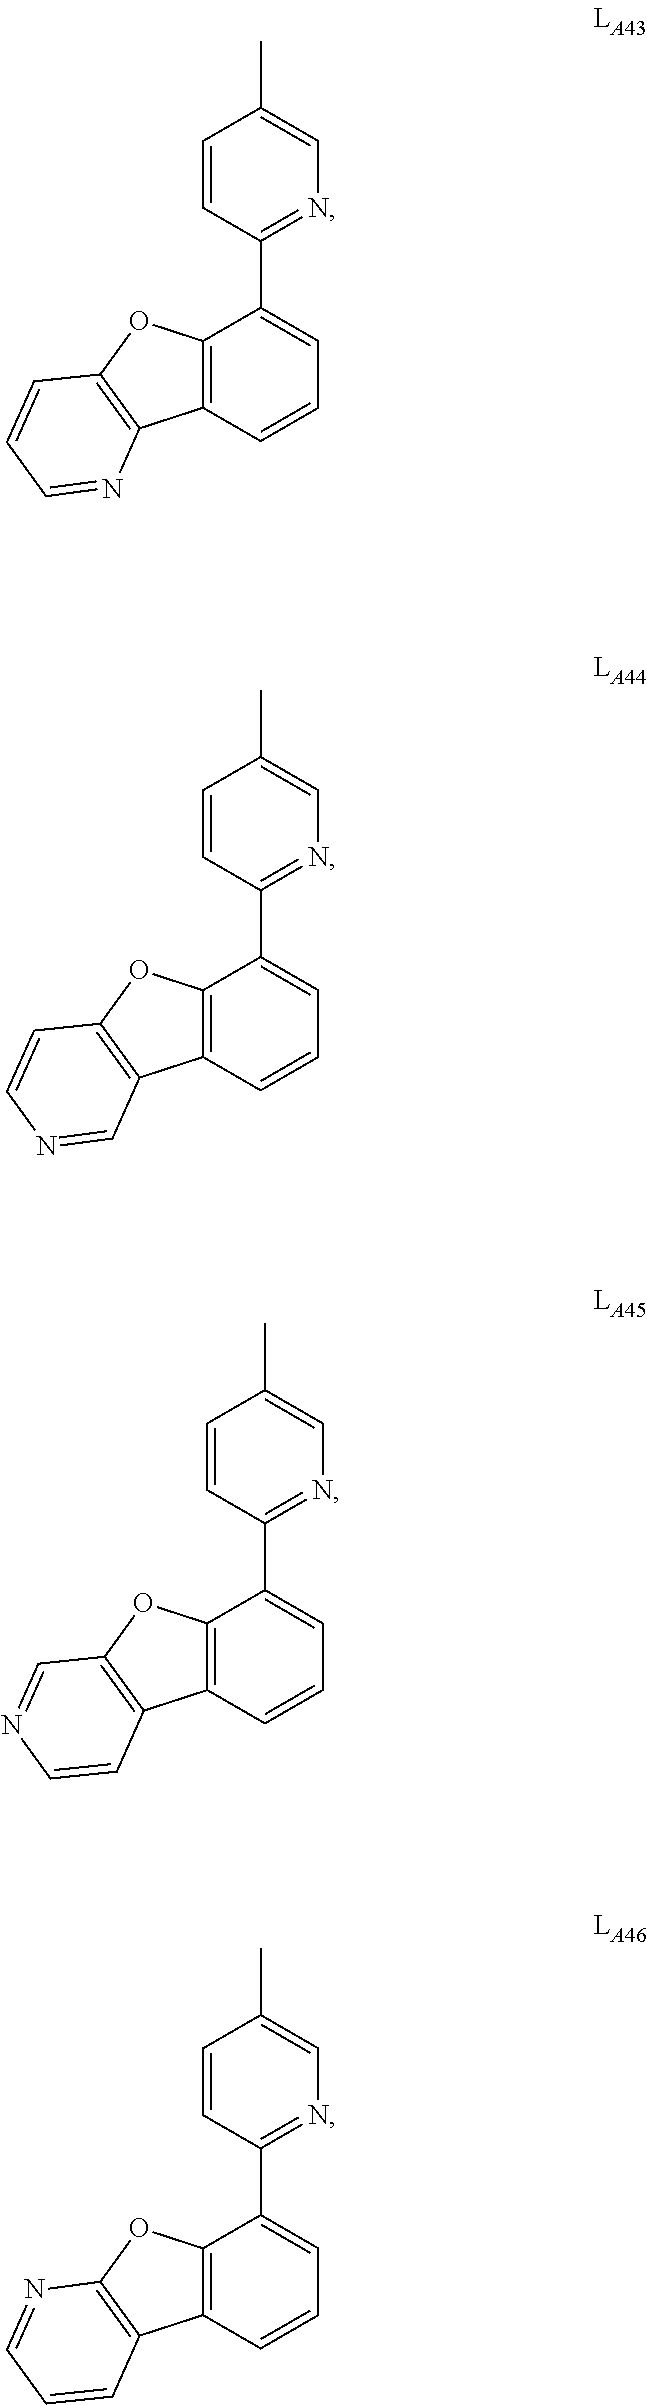 Figure US09634264-20170425-C00058